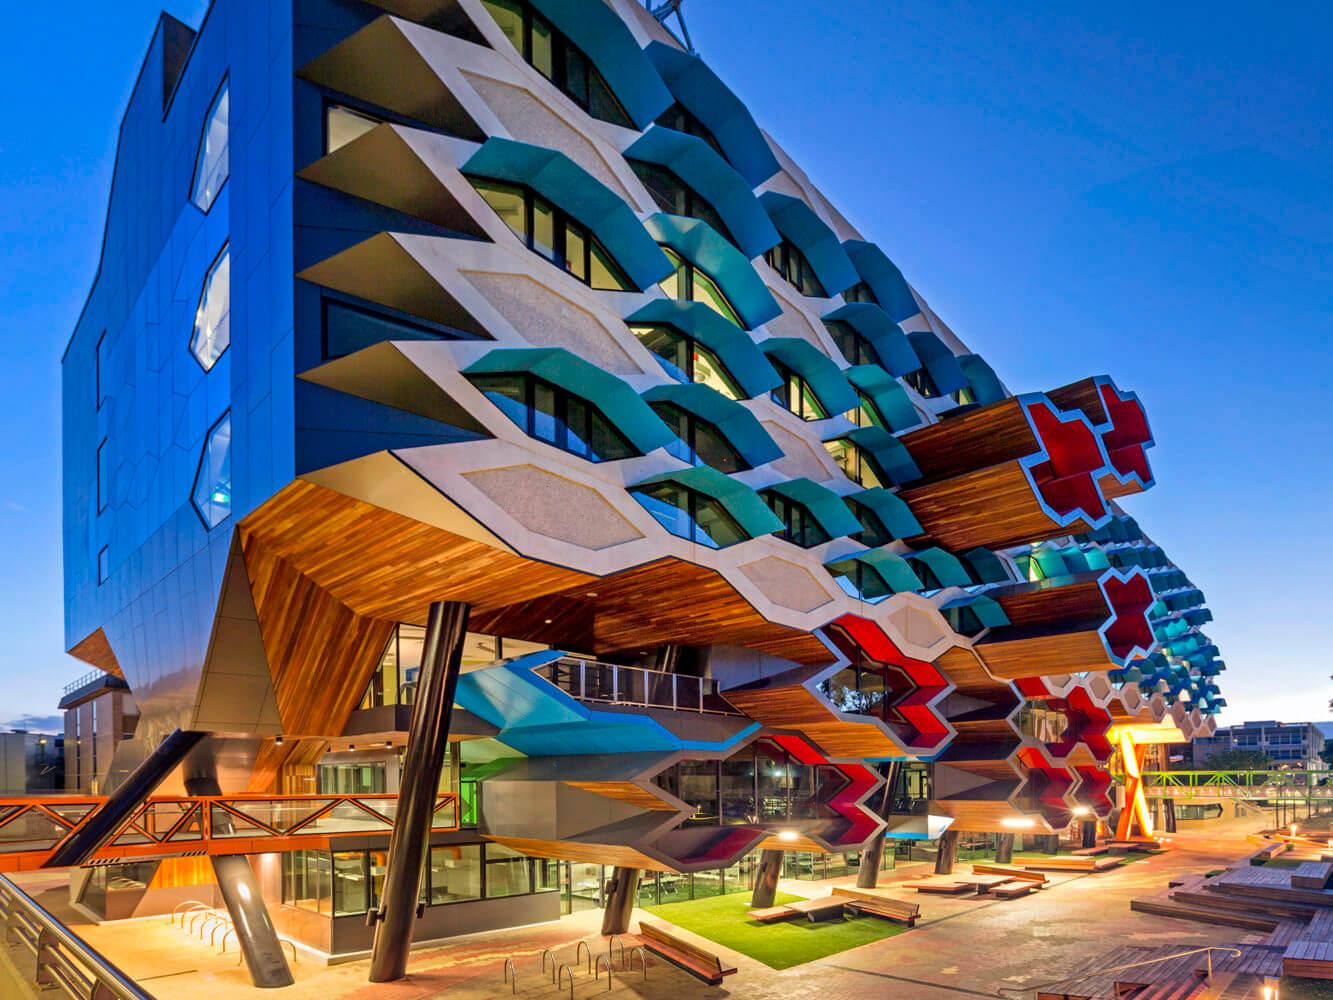 La Trobe é uma das universidades que mais possuem estudantes na Austrália